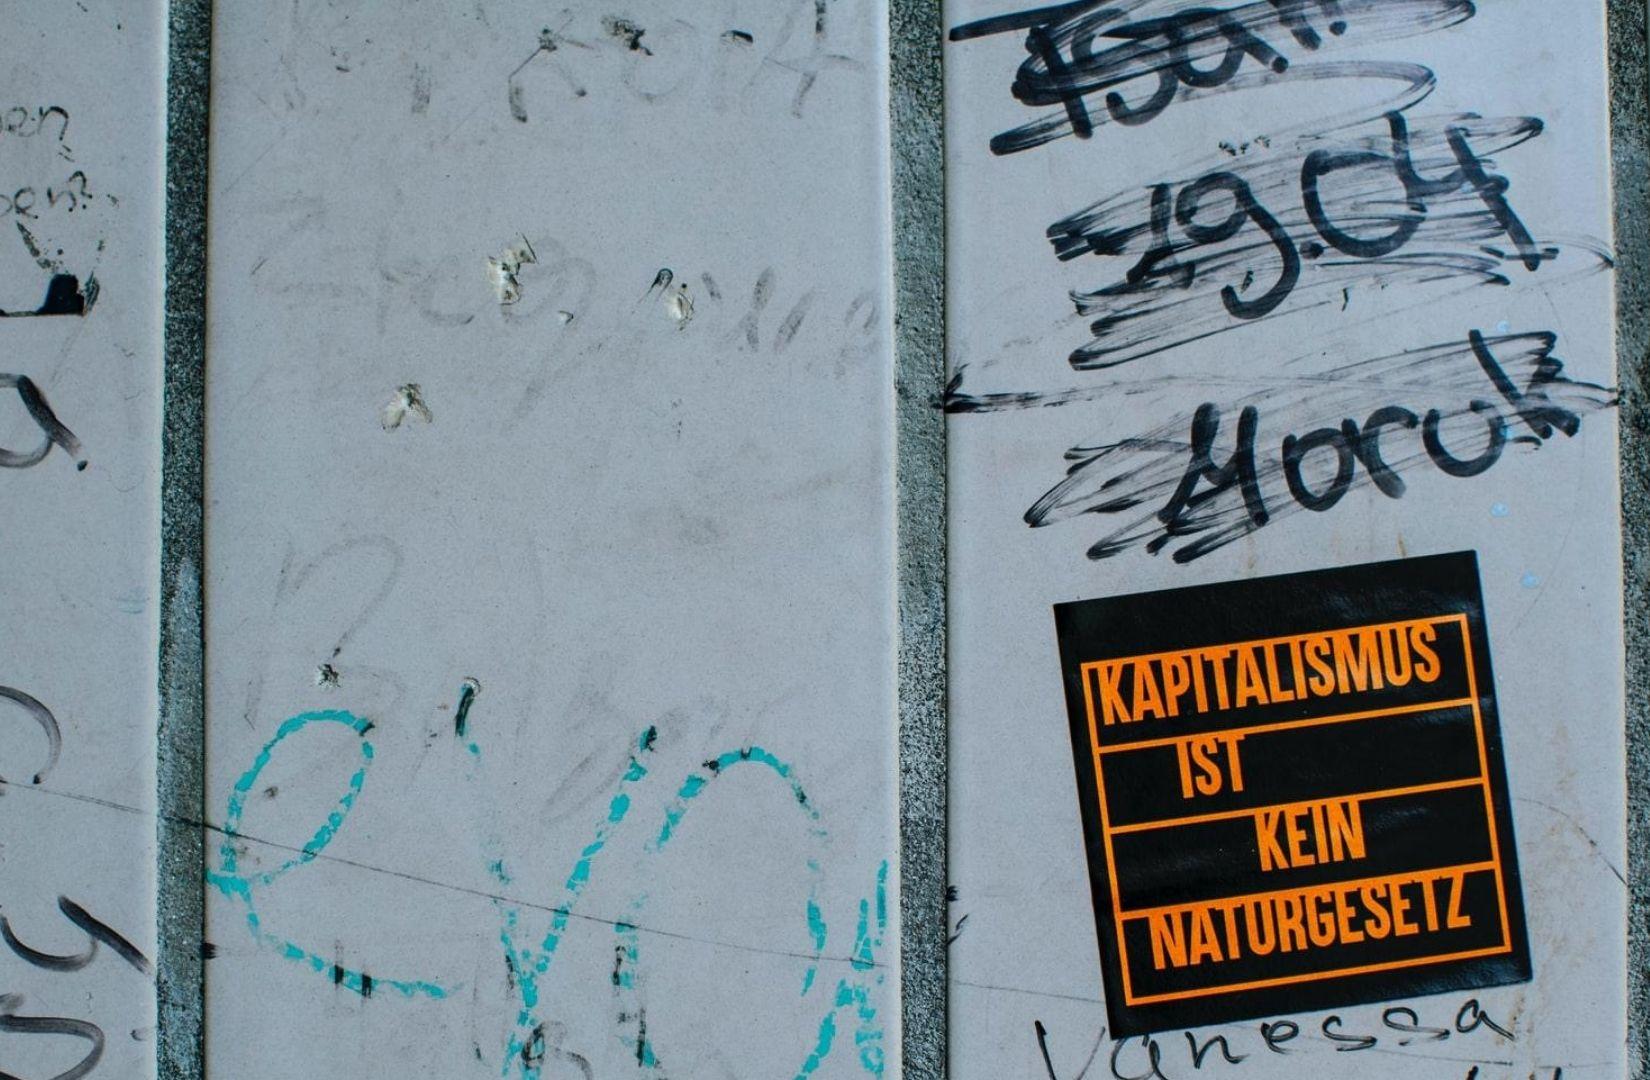 Der Satz, Kapitalismus ist kein Naturgesetz, passt zum Programm von Links. (Foto: Markus Spiske, Unsplash.com)